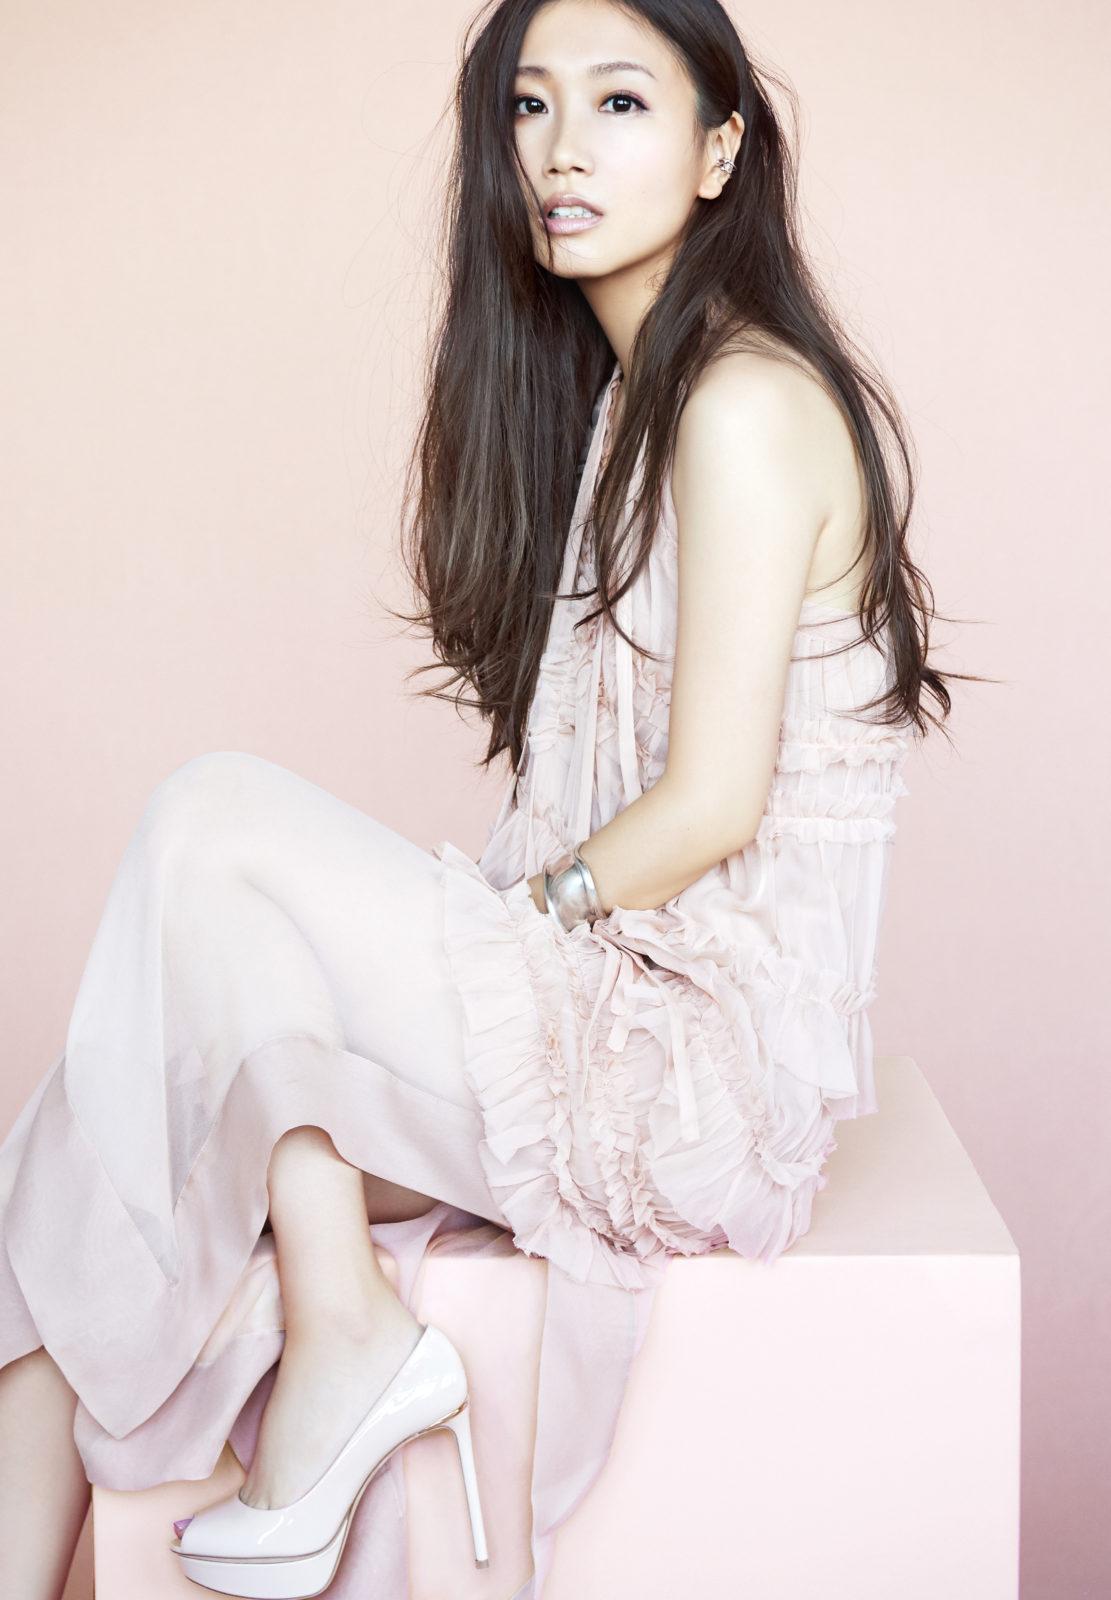 大塚 愛、初のピアノ弾き語りスタジオライブ作品 『aio piano』2月7日発売サムネイル画像